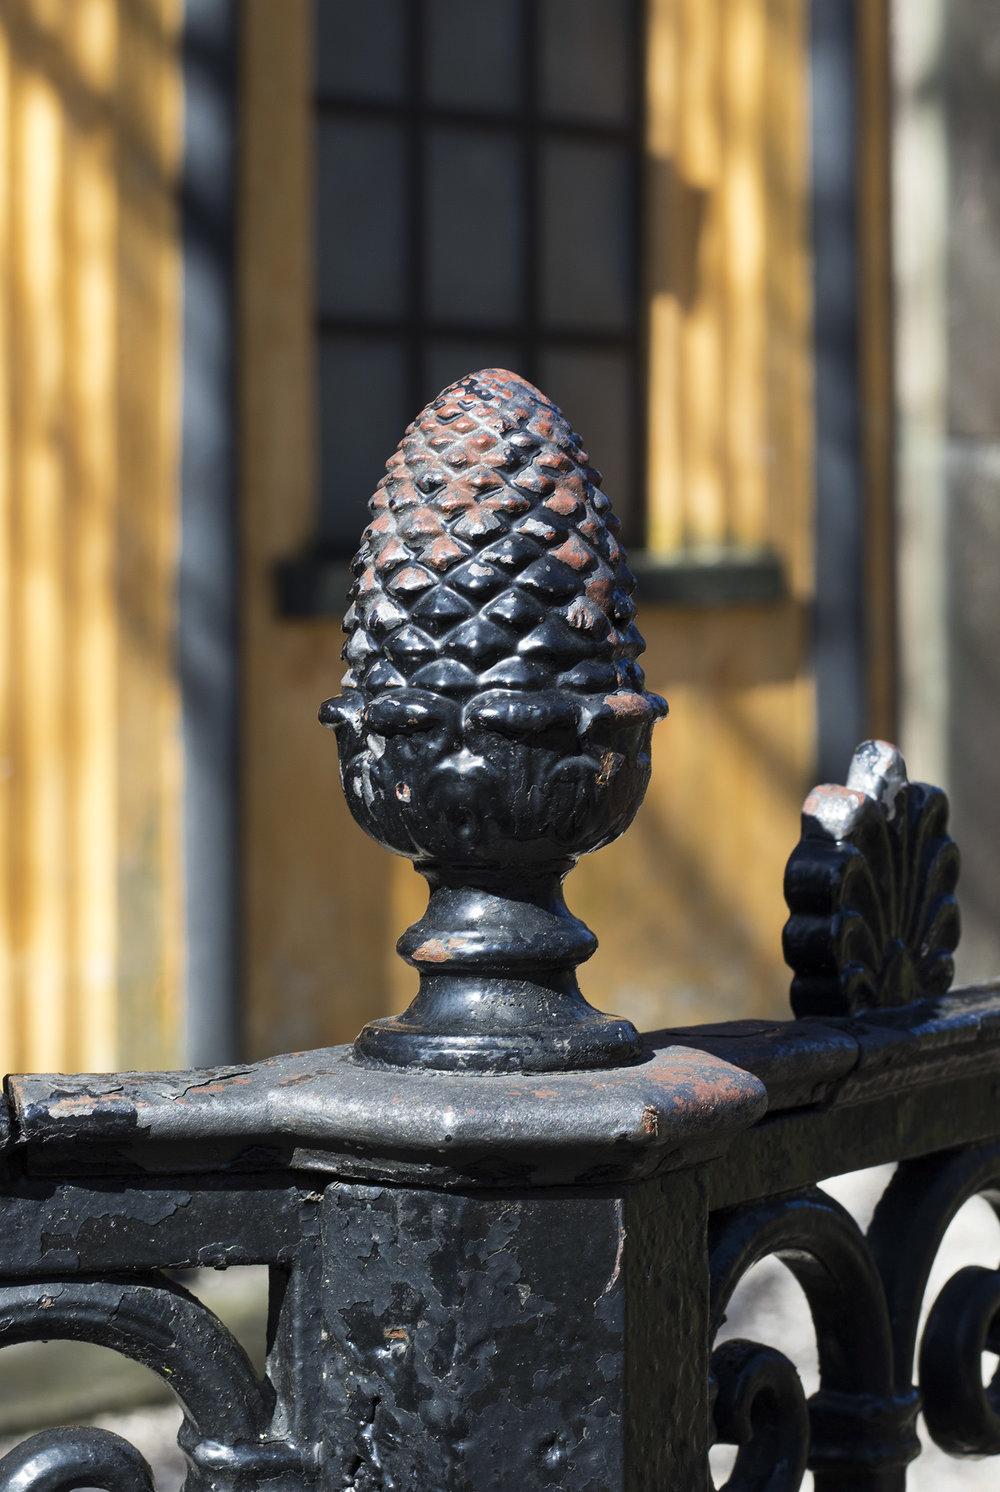 Eksotisk ananas-ornament på Peter von Scholtens gravsted. Ananasserne var bl.a. noget af det, der blev dyrket og solgt via plantagerne på Jomfruøerne. Photo © I DO ART Agency.